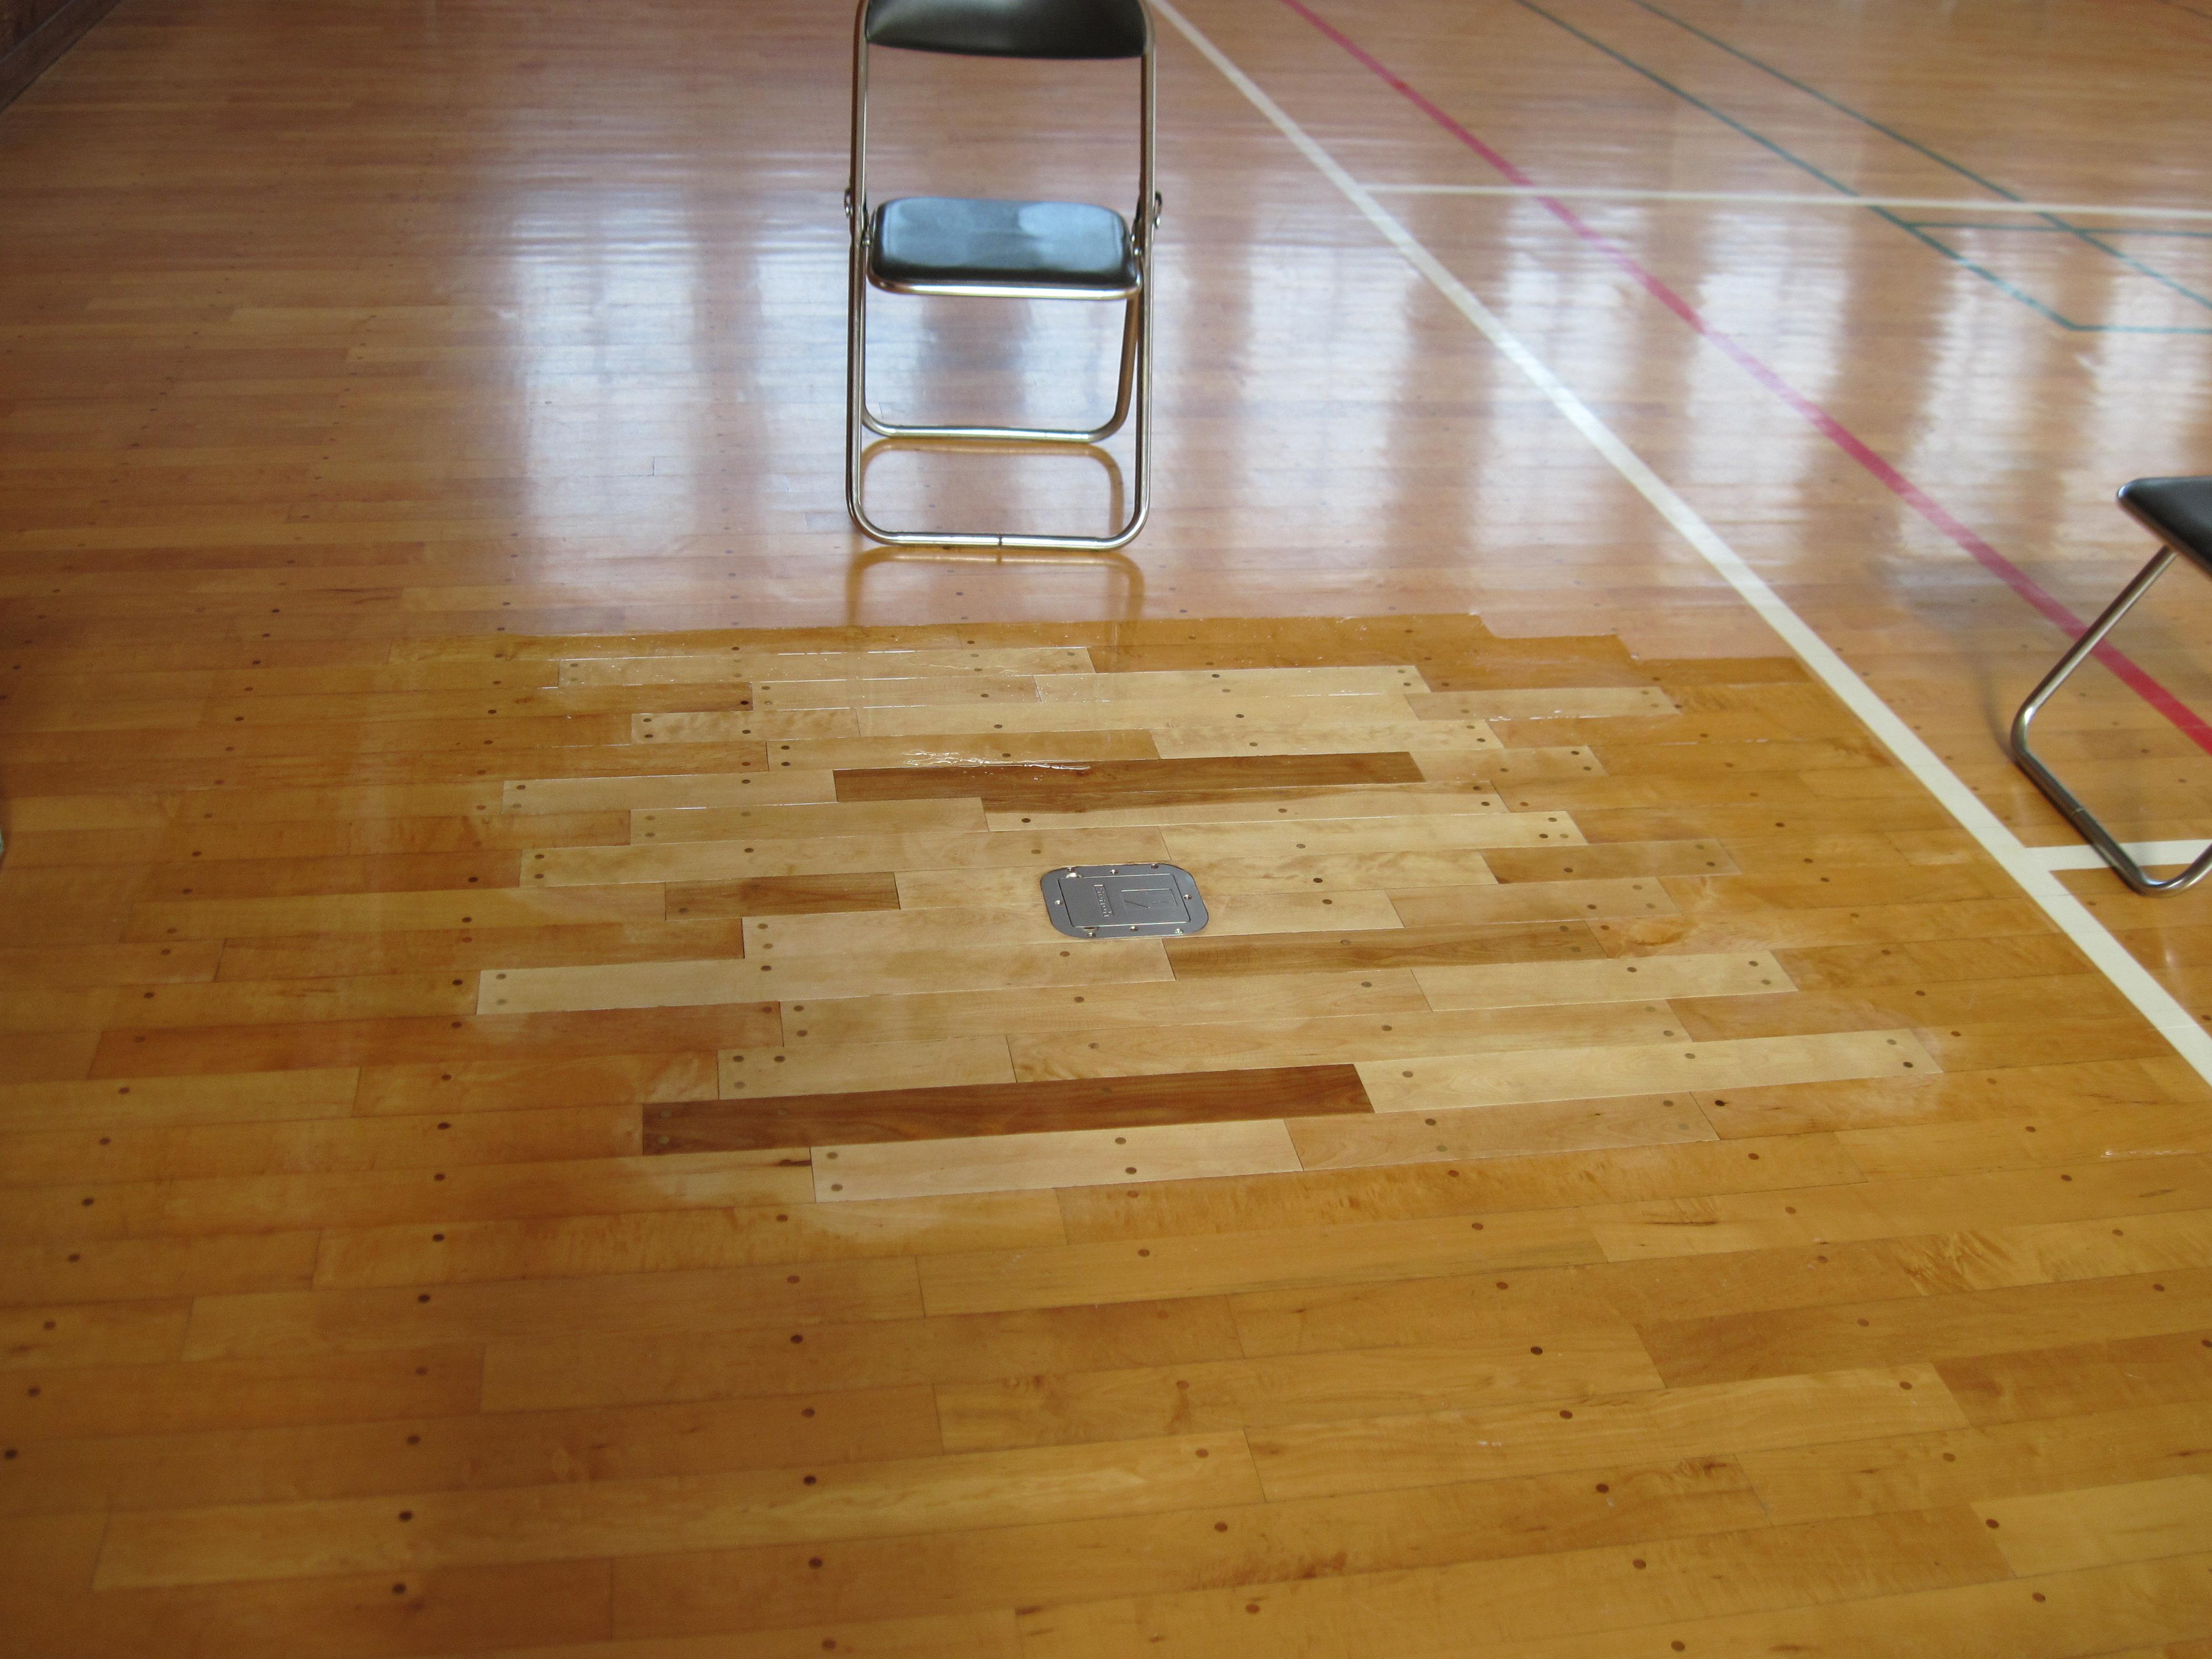 バレーボール床金具基礎ぐらつきによる工事